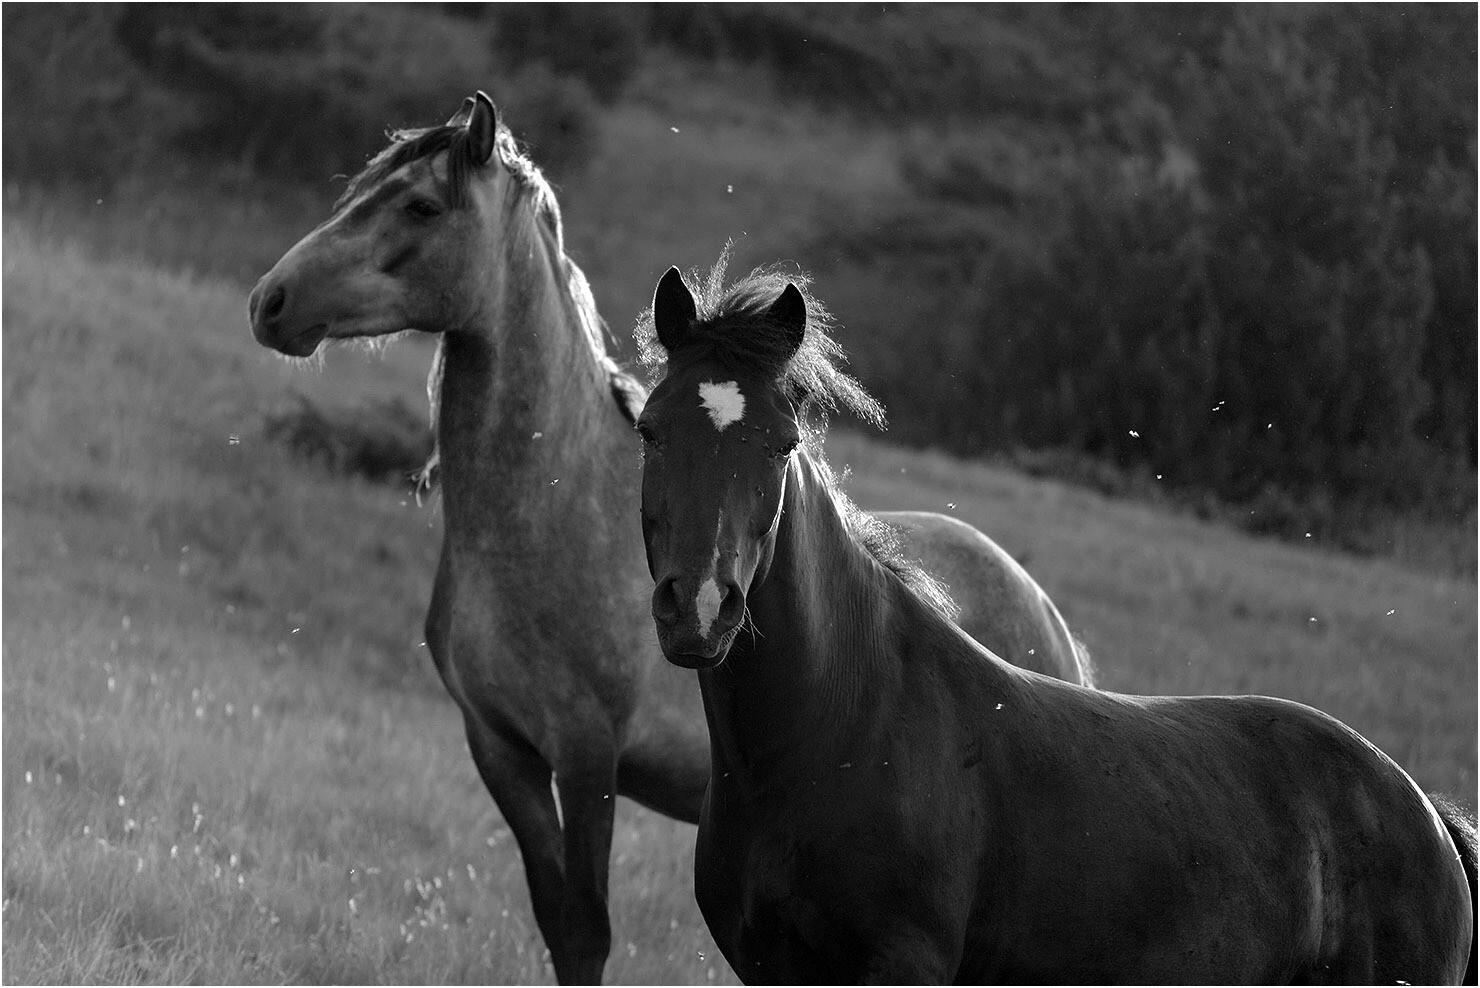 Jutarnje poze dva konja